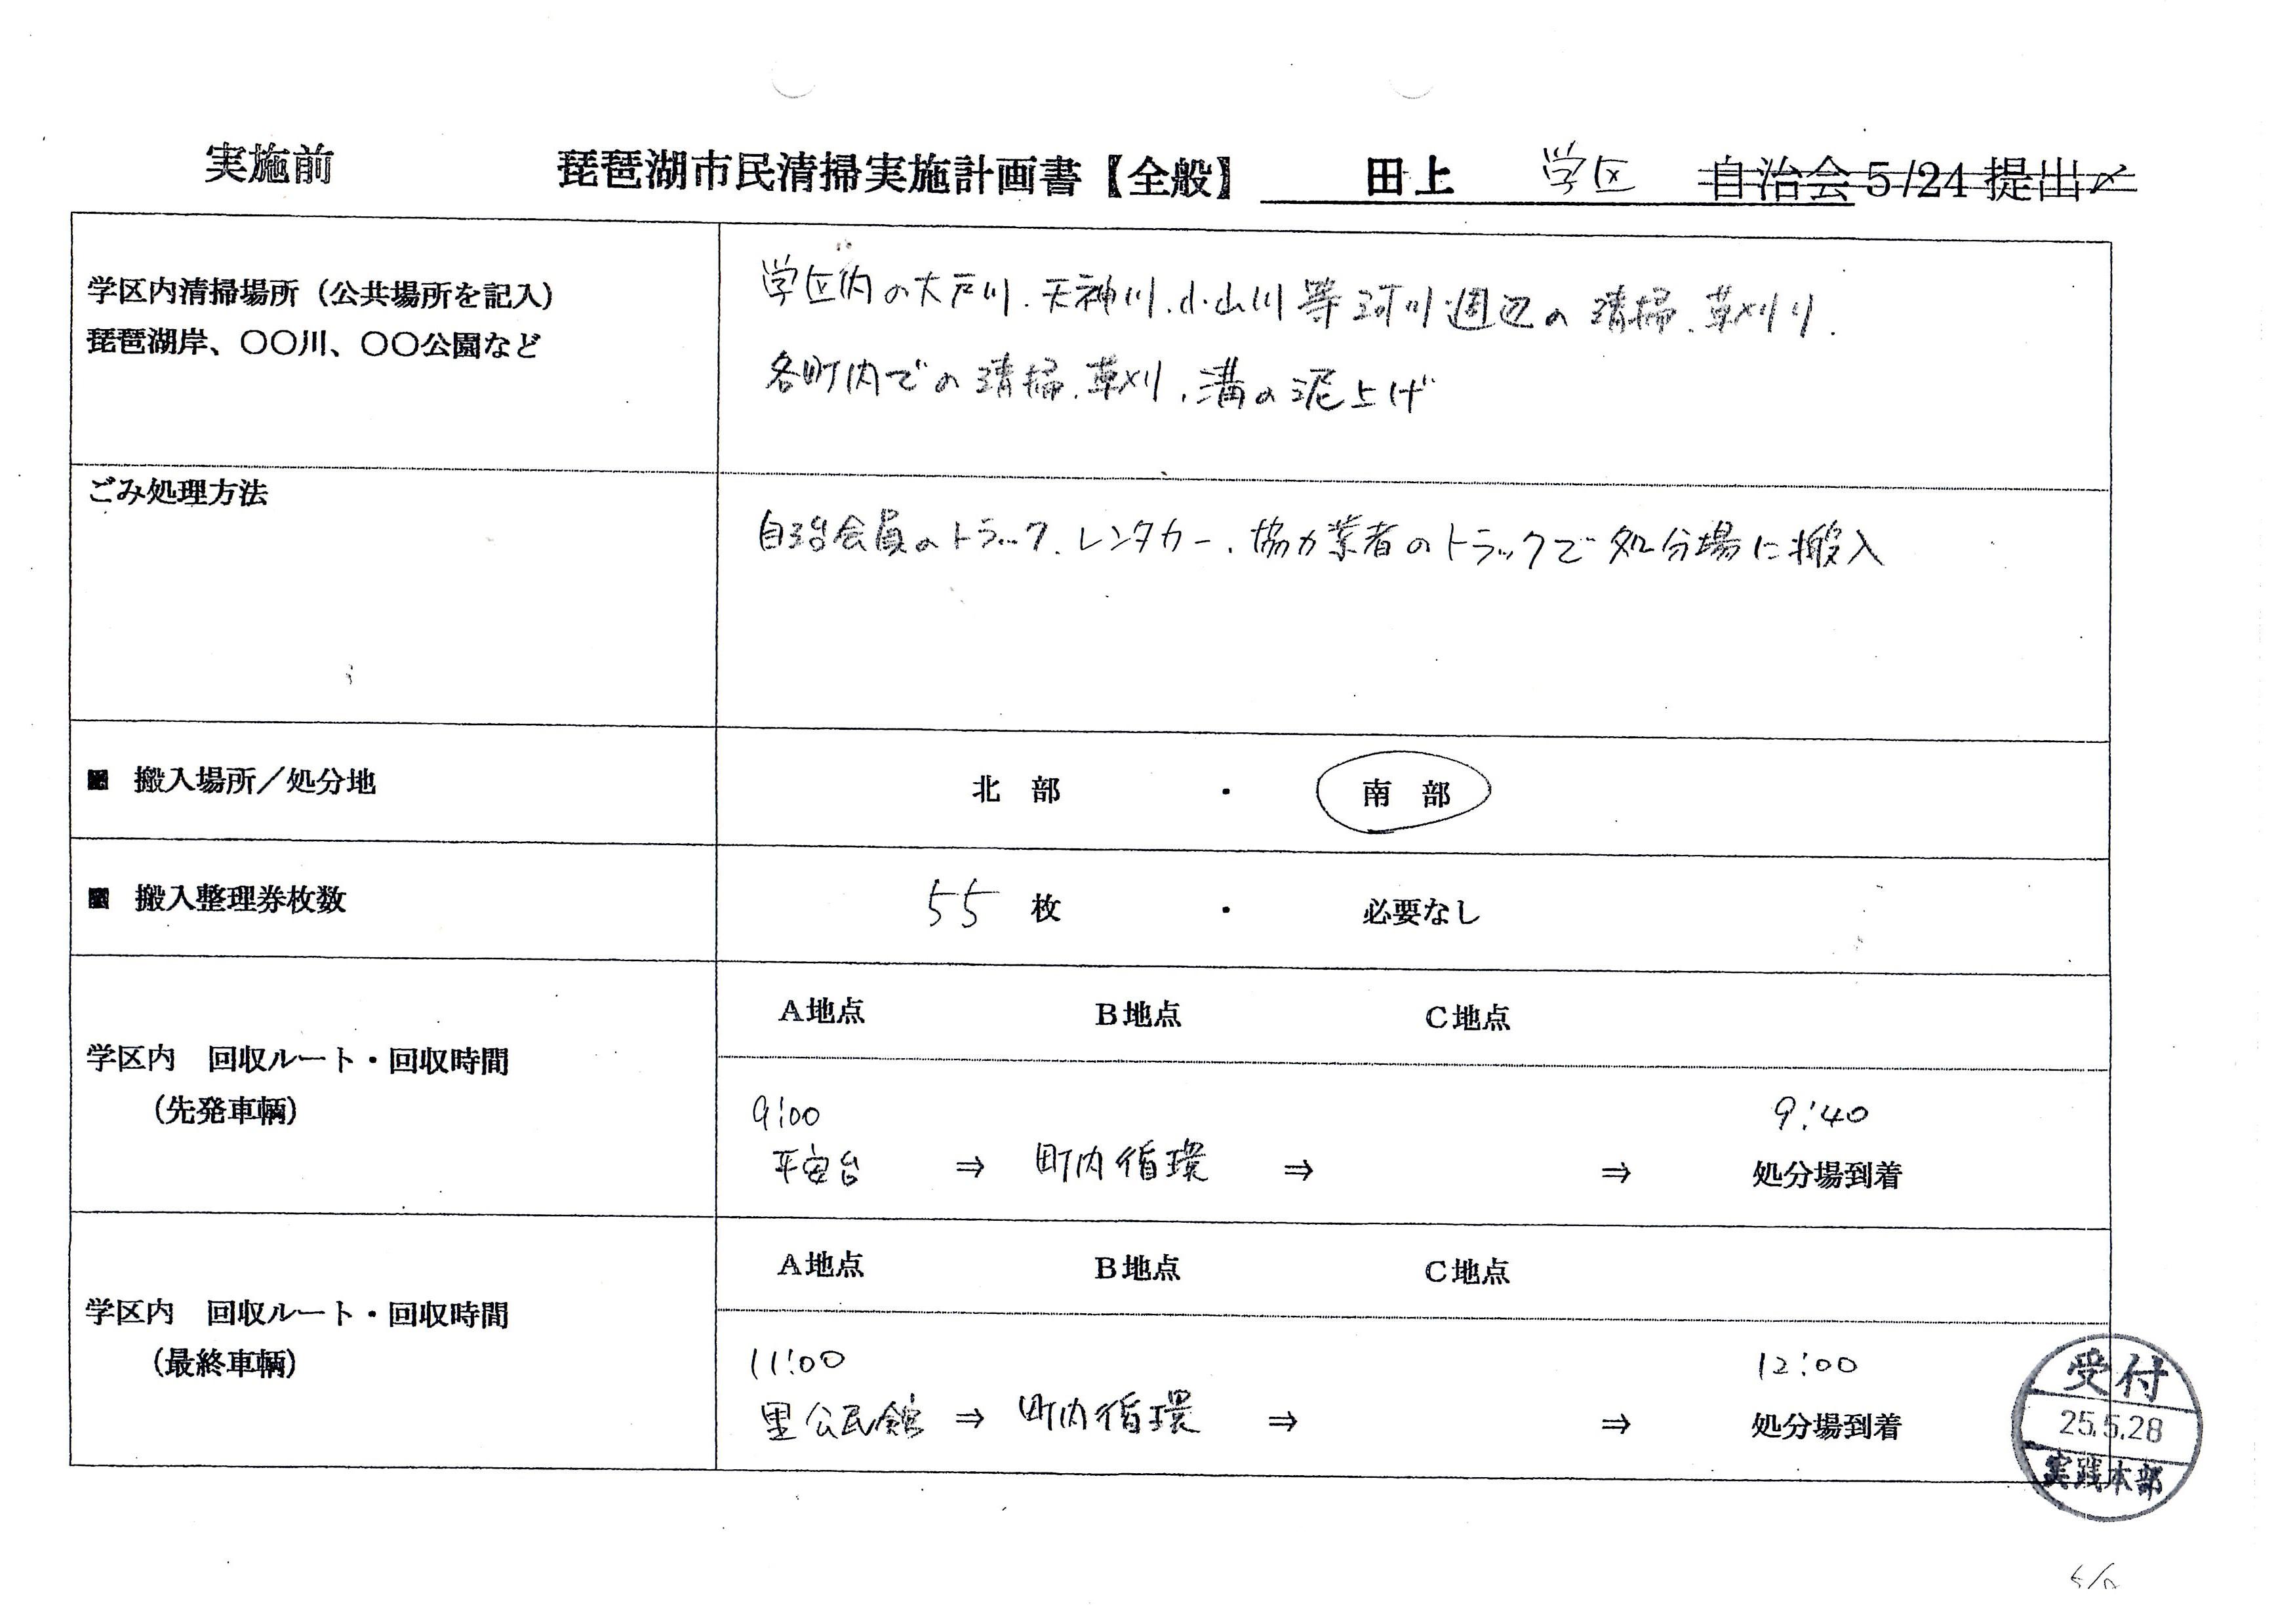 2013年田上計画書